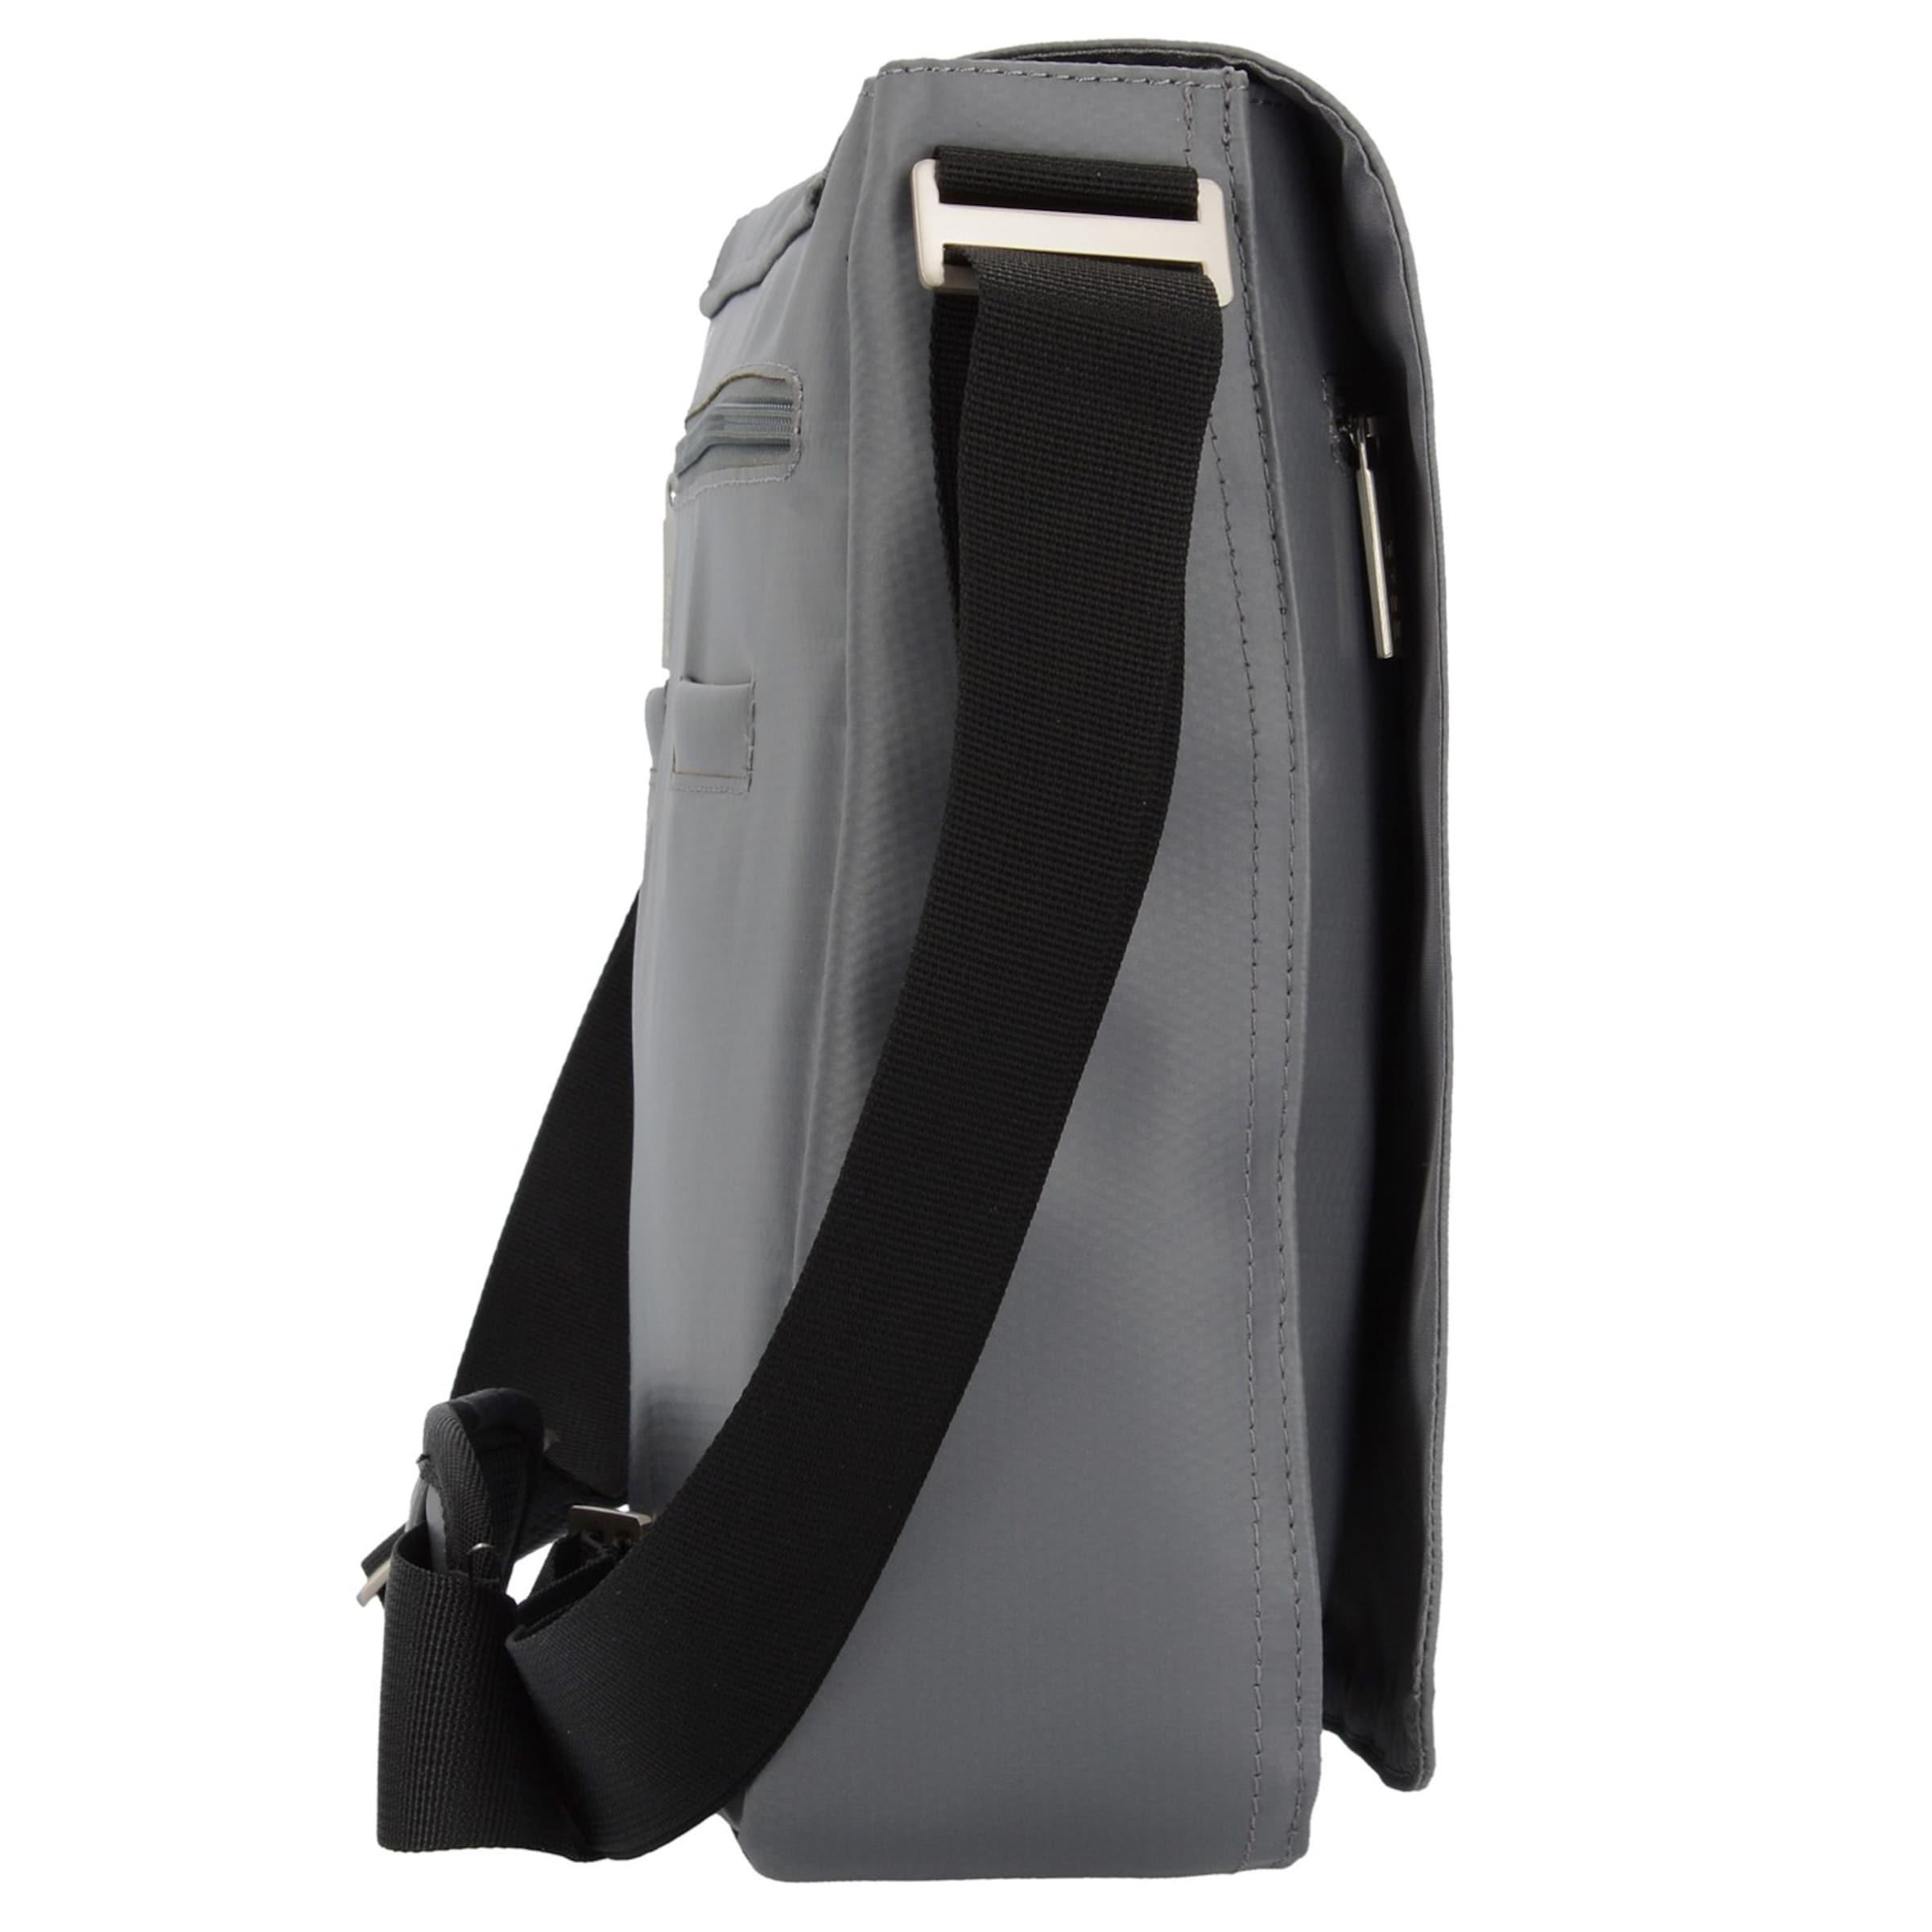 Günstig Kaufen Begrenzt BREE 'Punch 49 Messenger' Schultertasche 38 cm Billig Verkaufen Mode FglqQXg1F